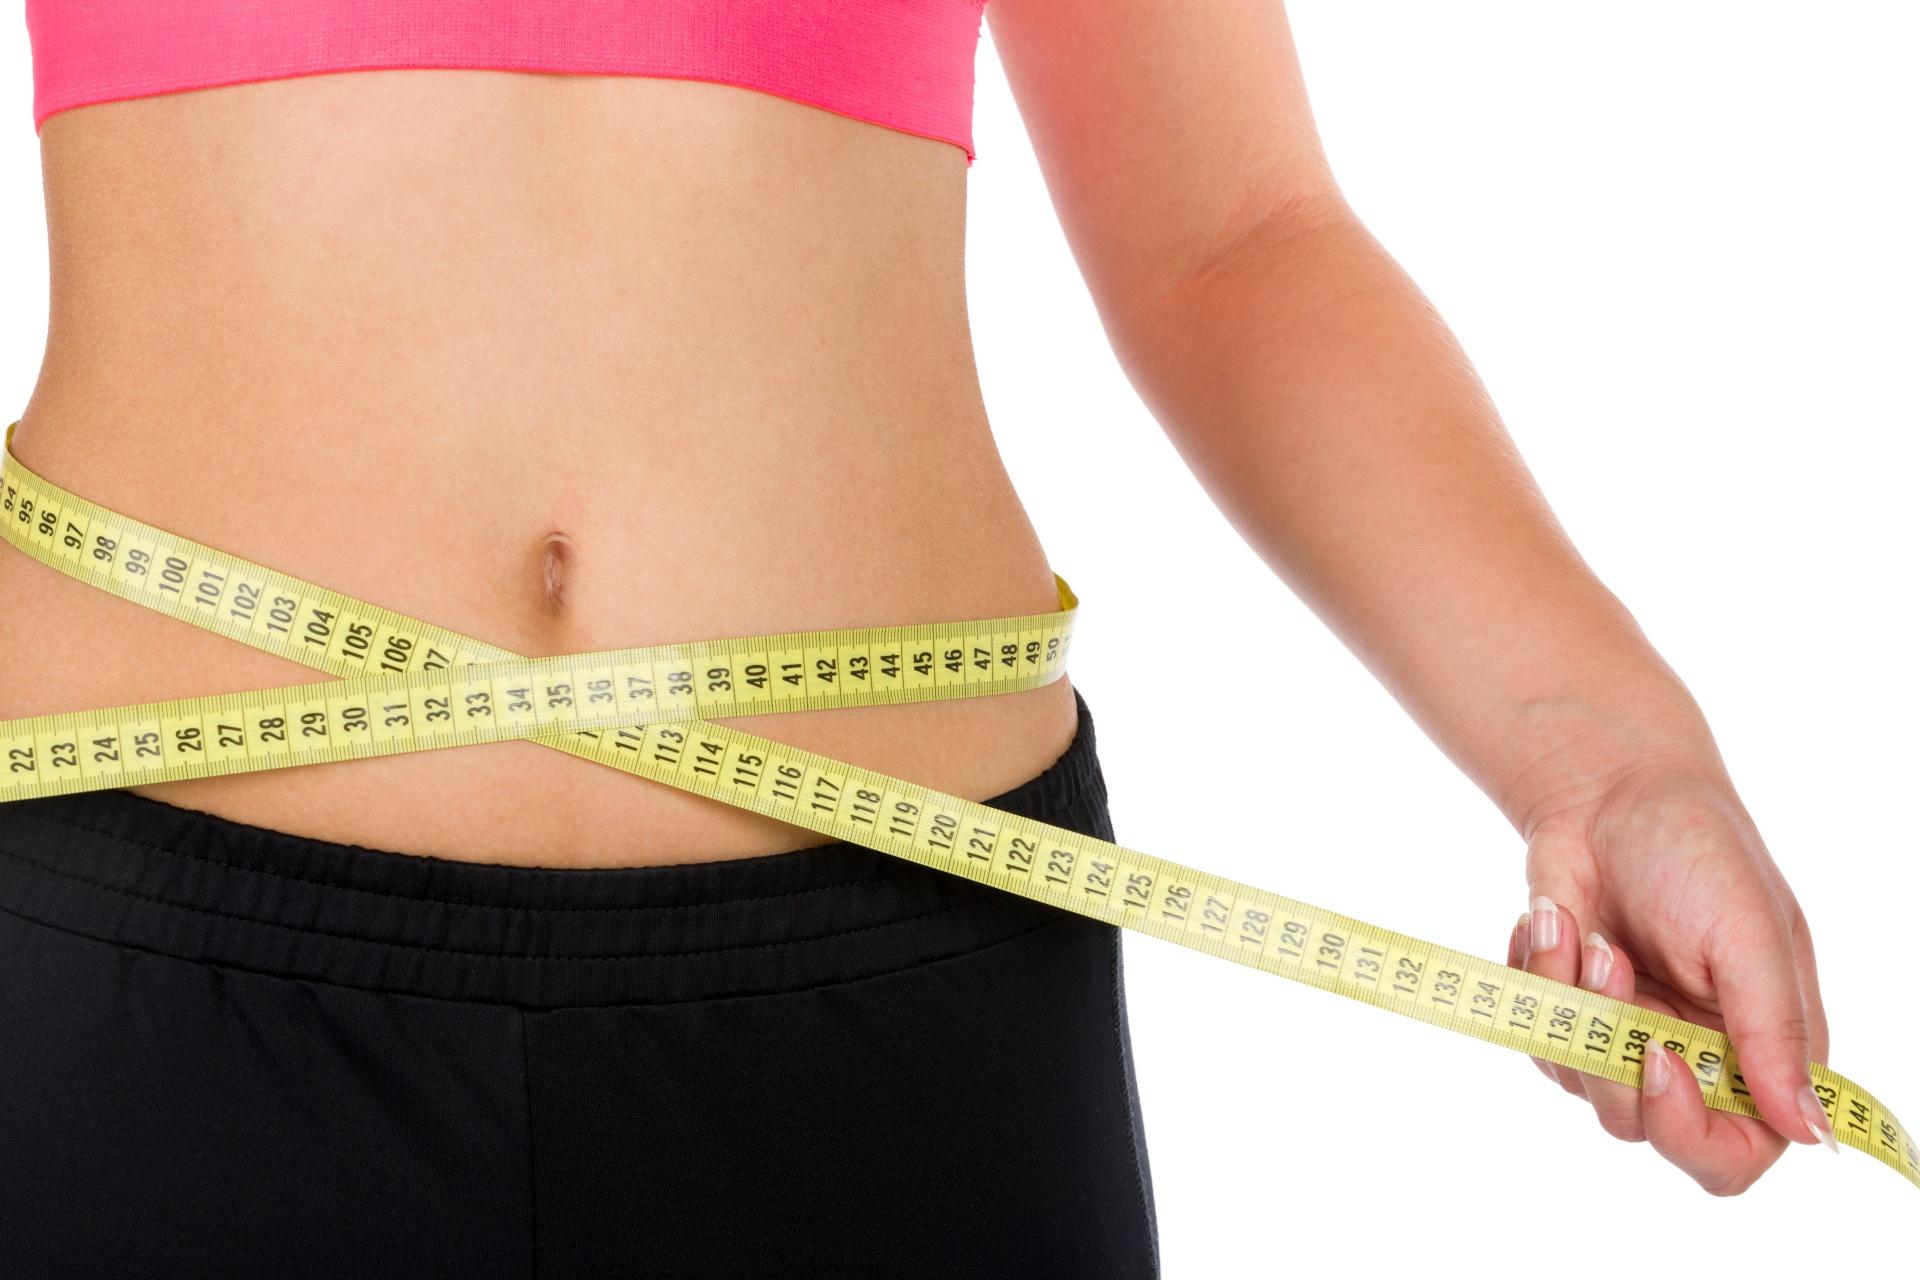 Frau hat Ihr Bauchfett verloren durch gesunde Ernährung